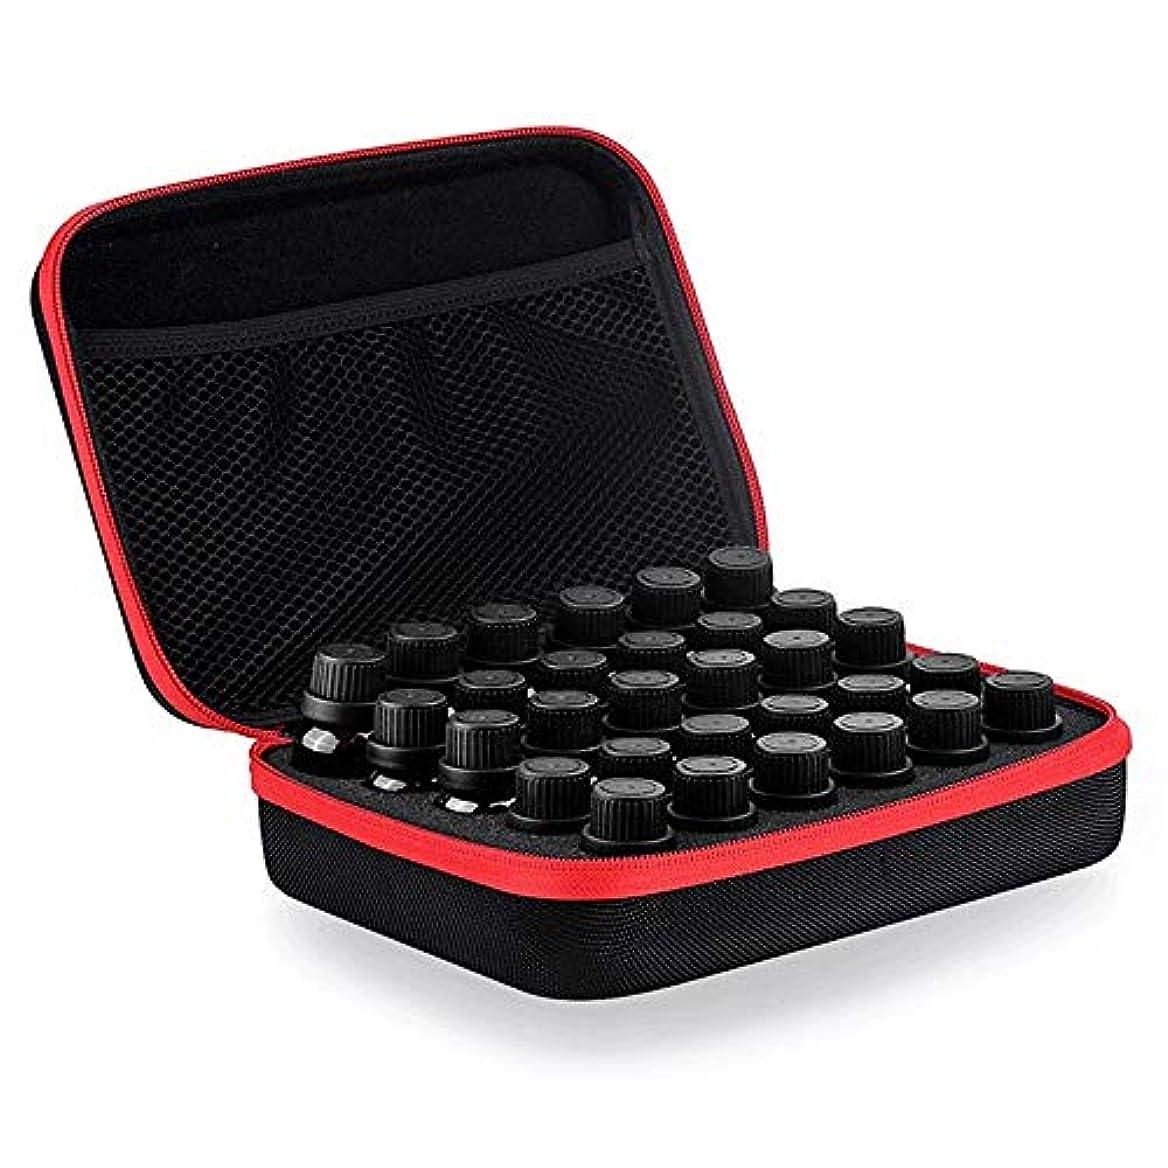 算術滝曲線アロマセラピー収納ボックス 5ミリリットルを取るためにスーツケースに保持された油の30種類、10ミリリットル15ミリリットルボトル外観EVAハードシェル石油貯蔵バッグハンドルOrganzier完璧なディスプレイケース油...